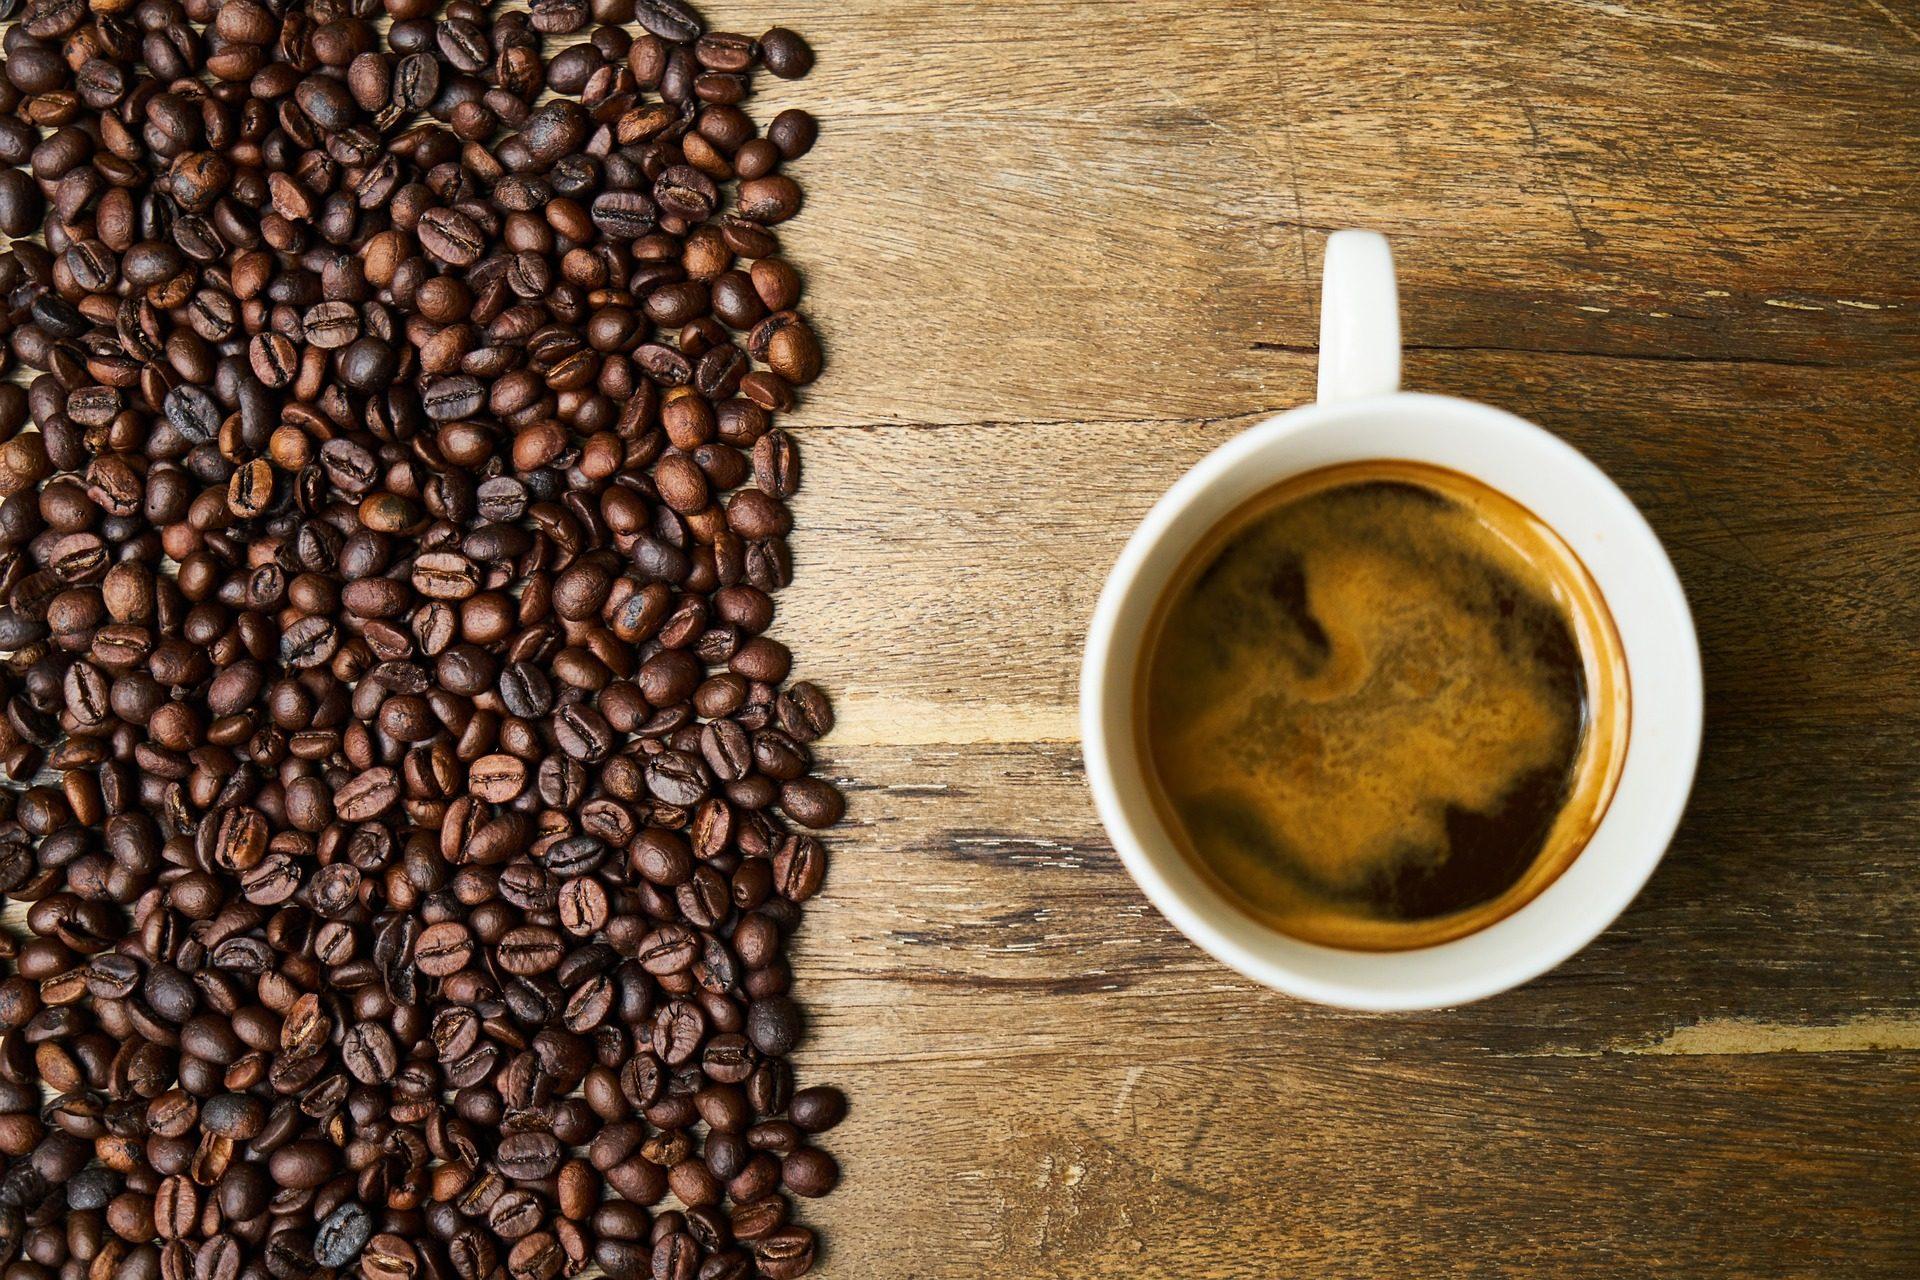 咖啡, 谷物, 杯, 香气, cafeína - 高清壁纸 - 教授-falken.com